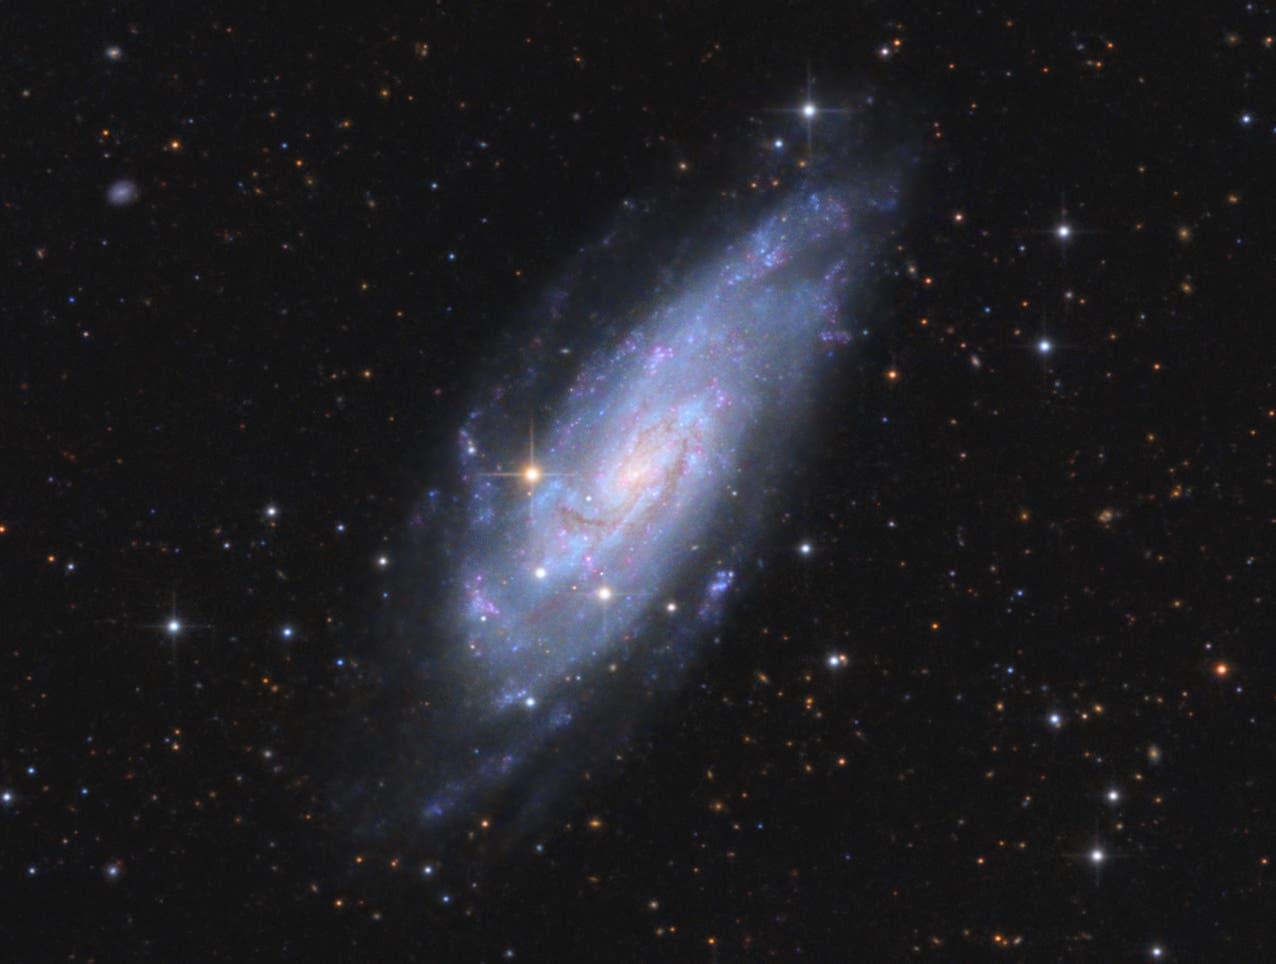 NGC 4559